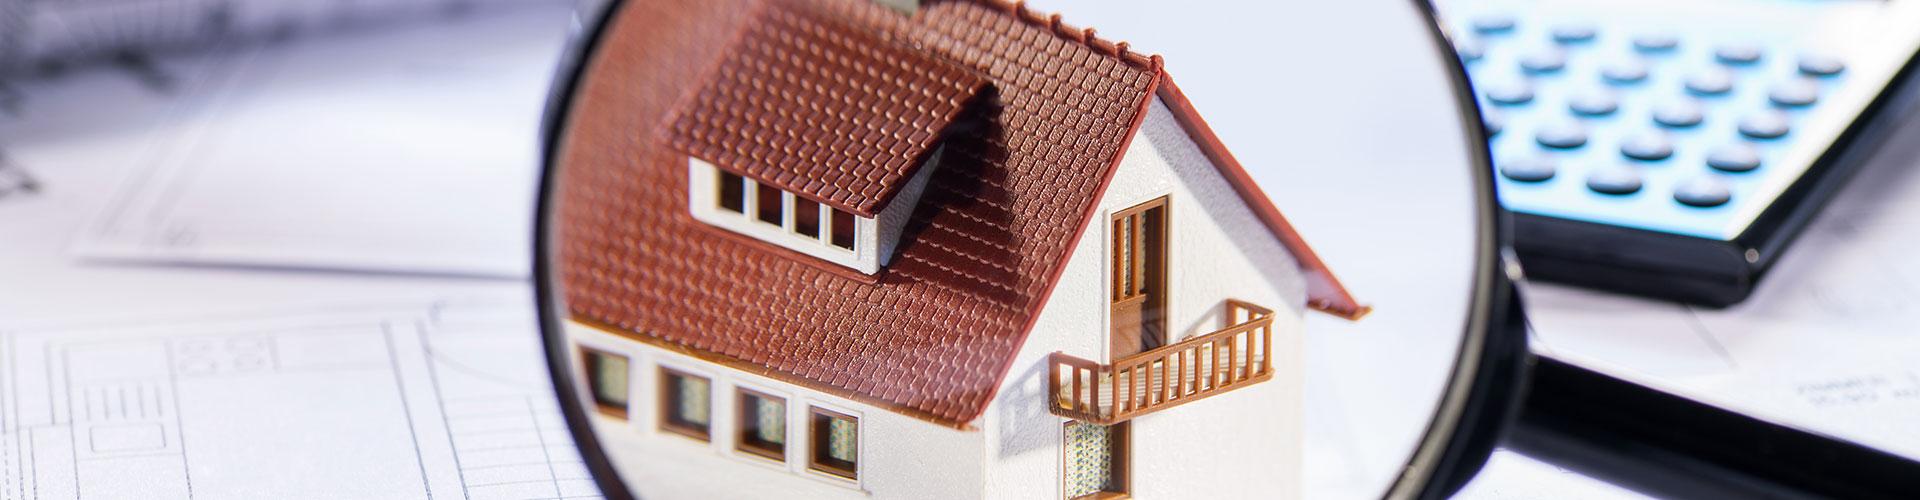 Architektur Renate Peiffer Wertermittlung